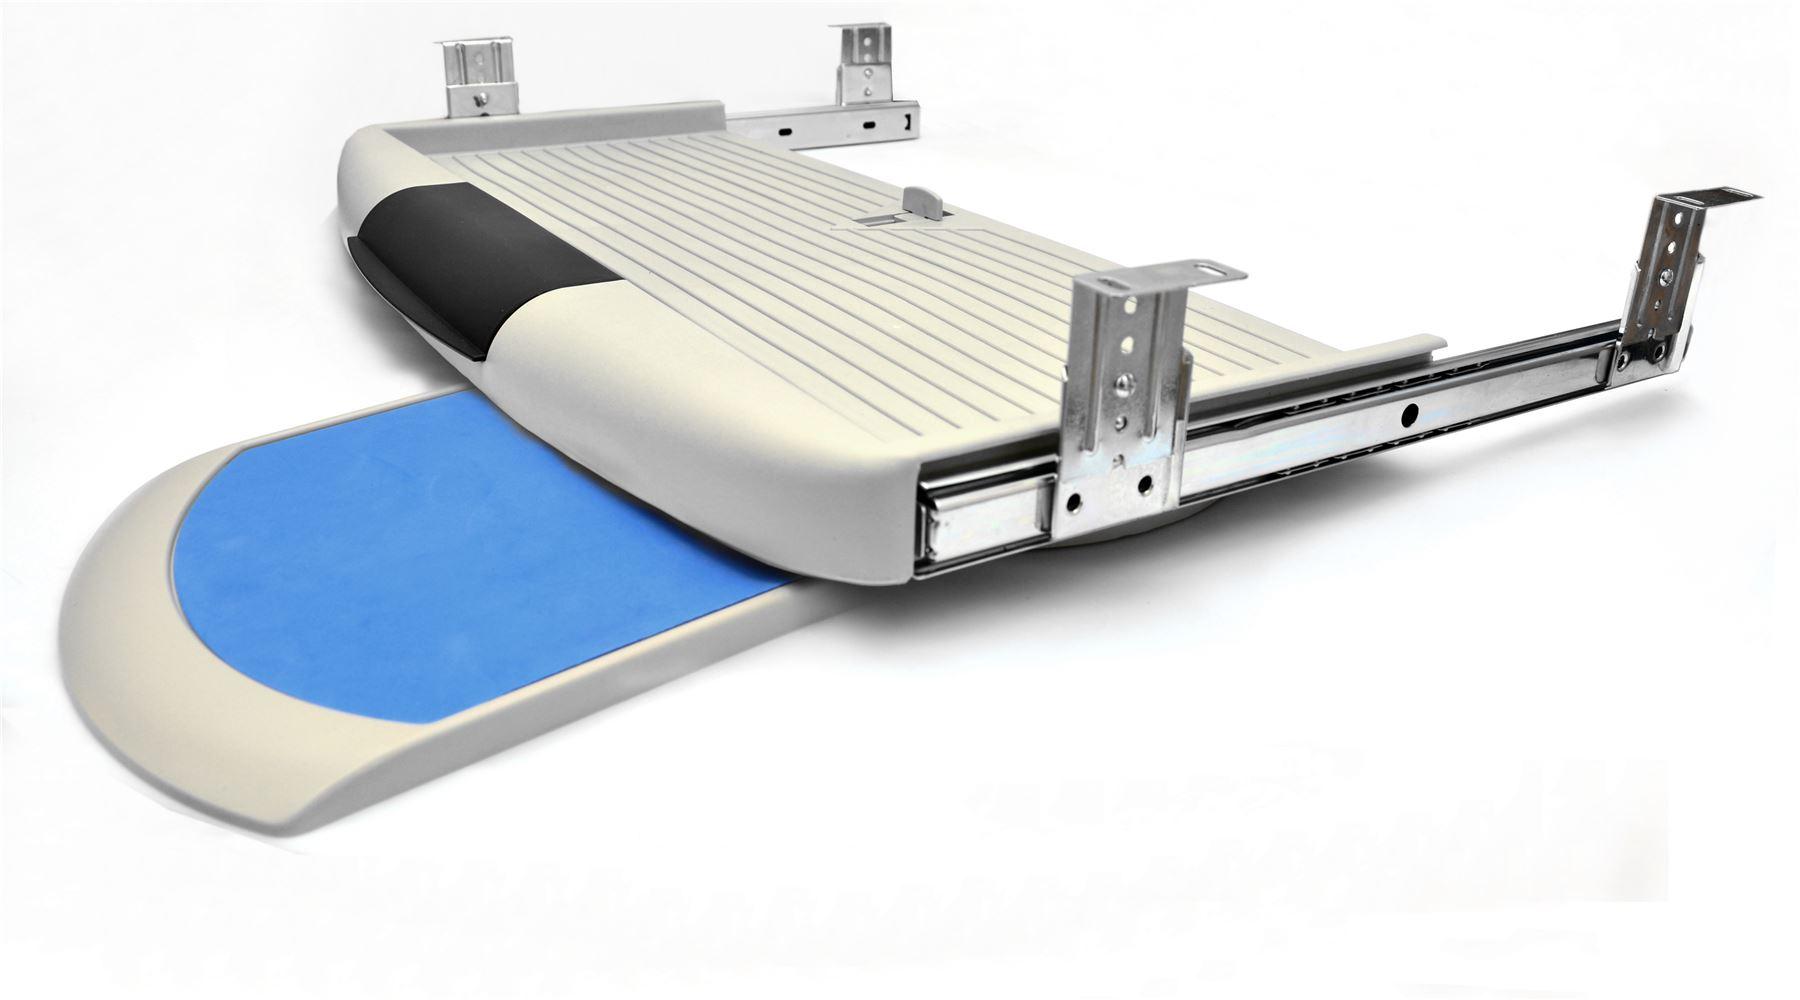 Kit de clavier tiroir rails coulissant tiroirs tiroir - Kit tiroir coulissant ...